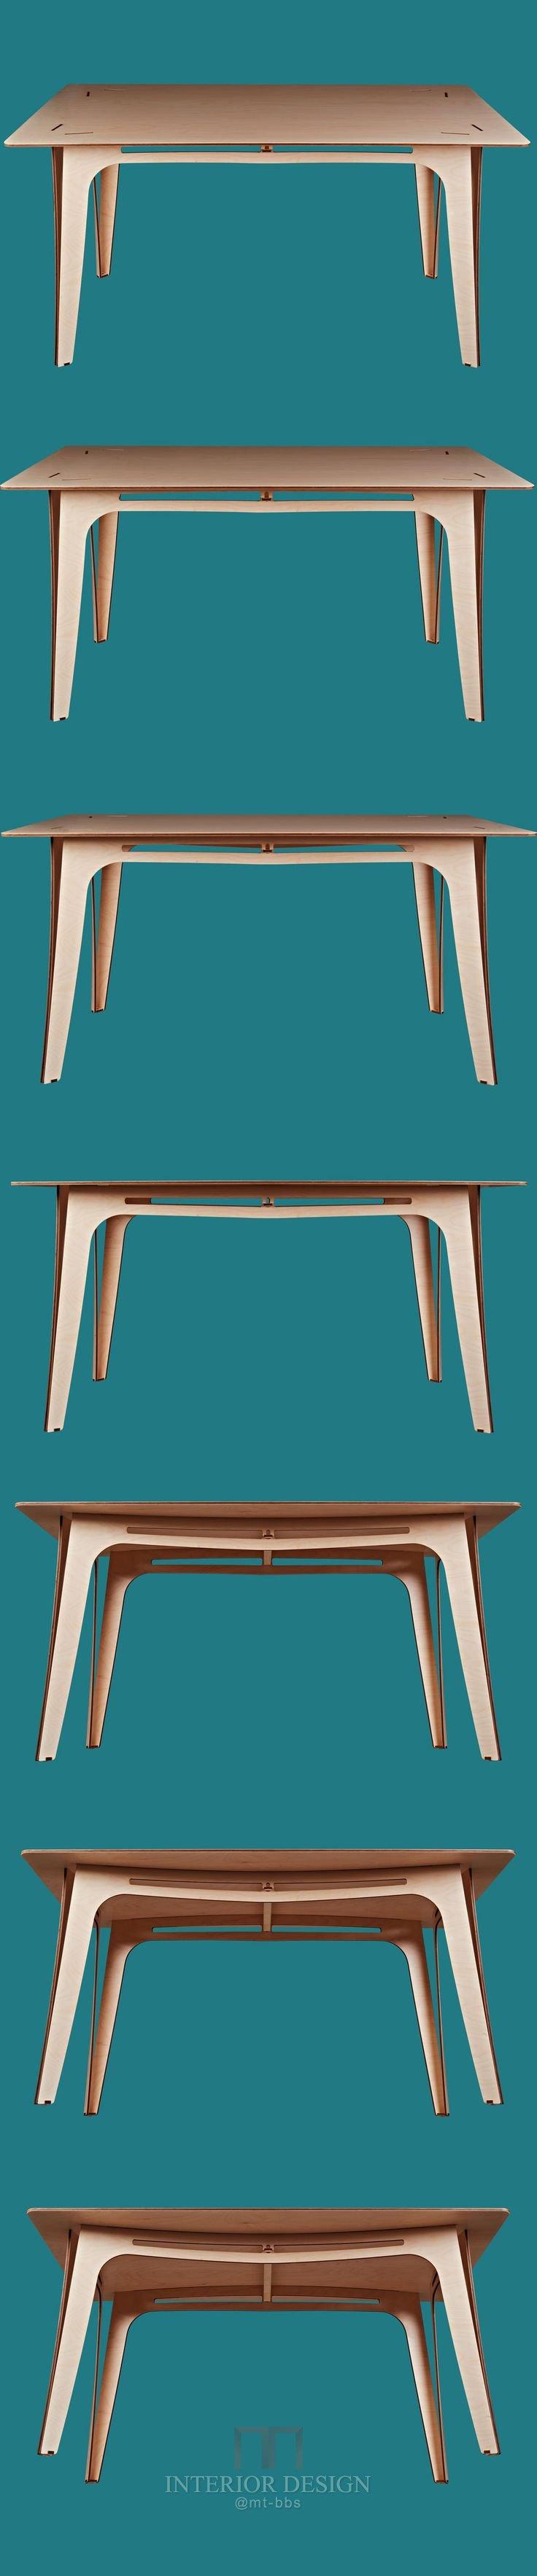 现代风格餐桌(高清合集)_96720339afd078833fb397e990979bdc.jpg